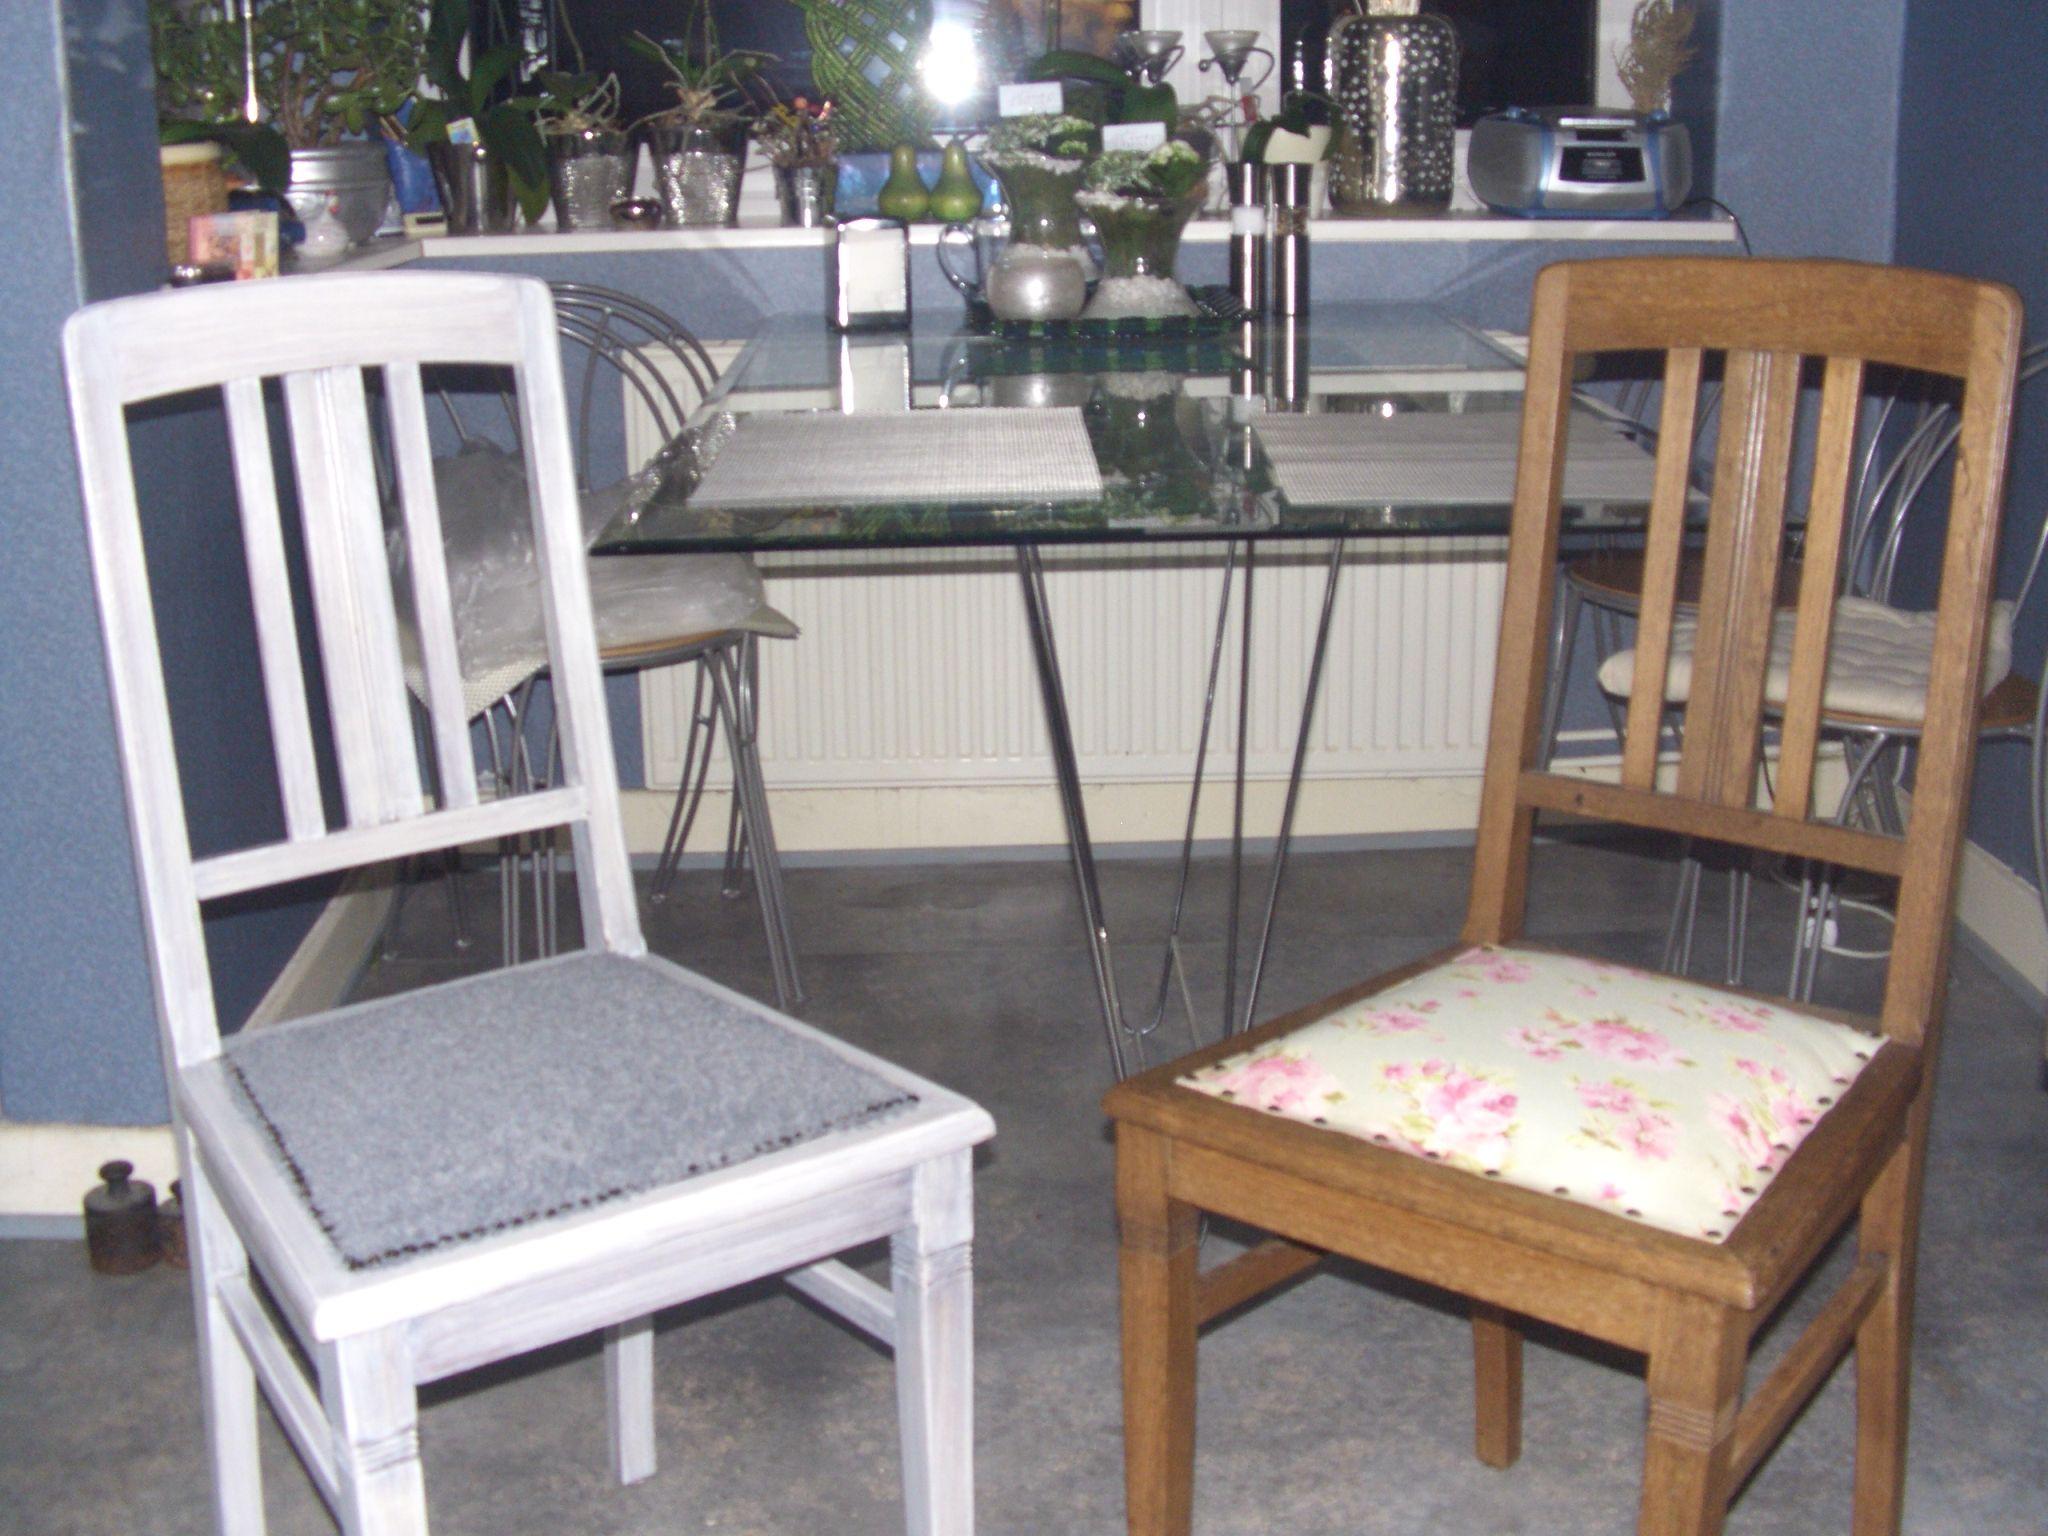 Alte Stühle neu gestalten Meine Werke Dining chairs